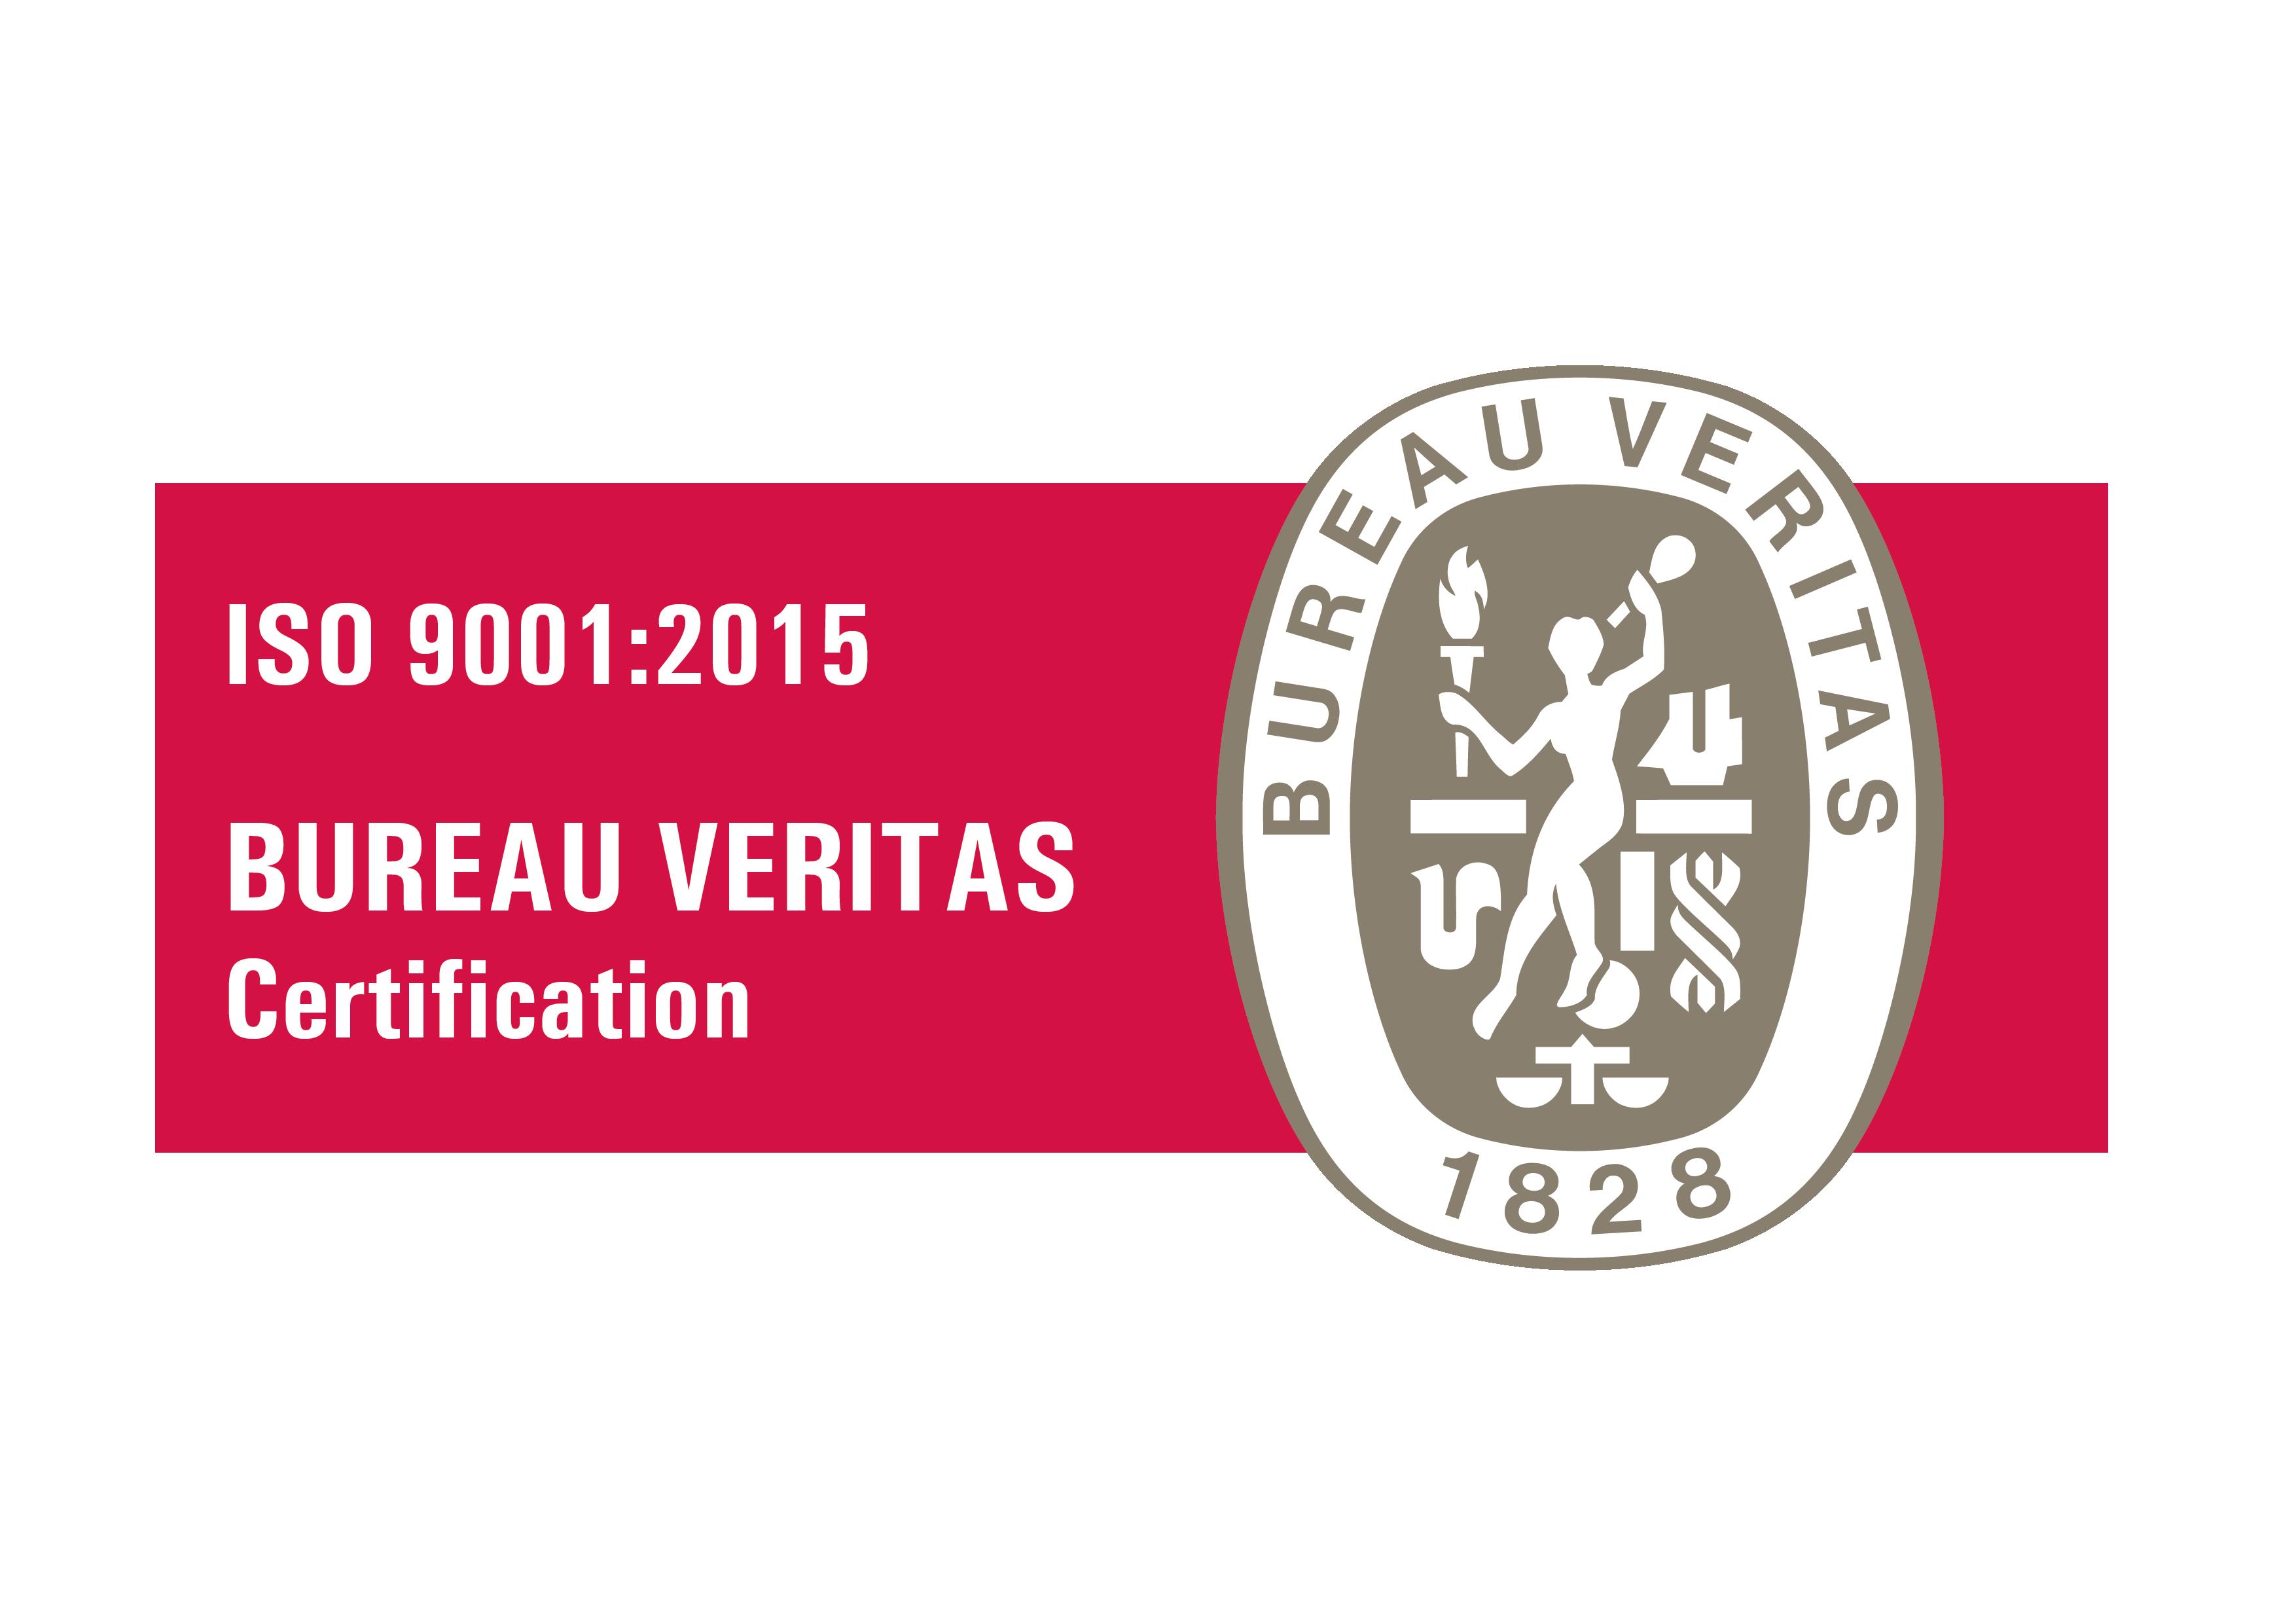 BV_Cert_ISO9001-2015-01